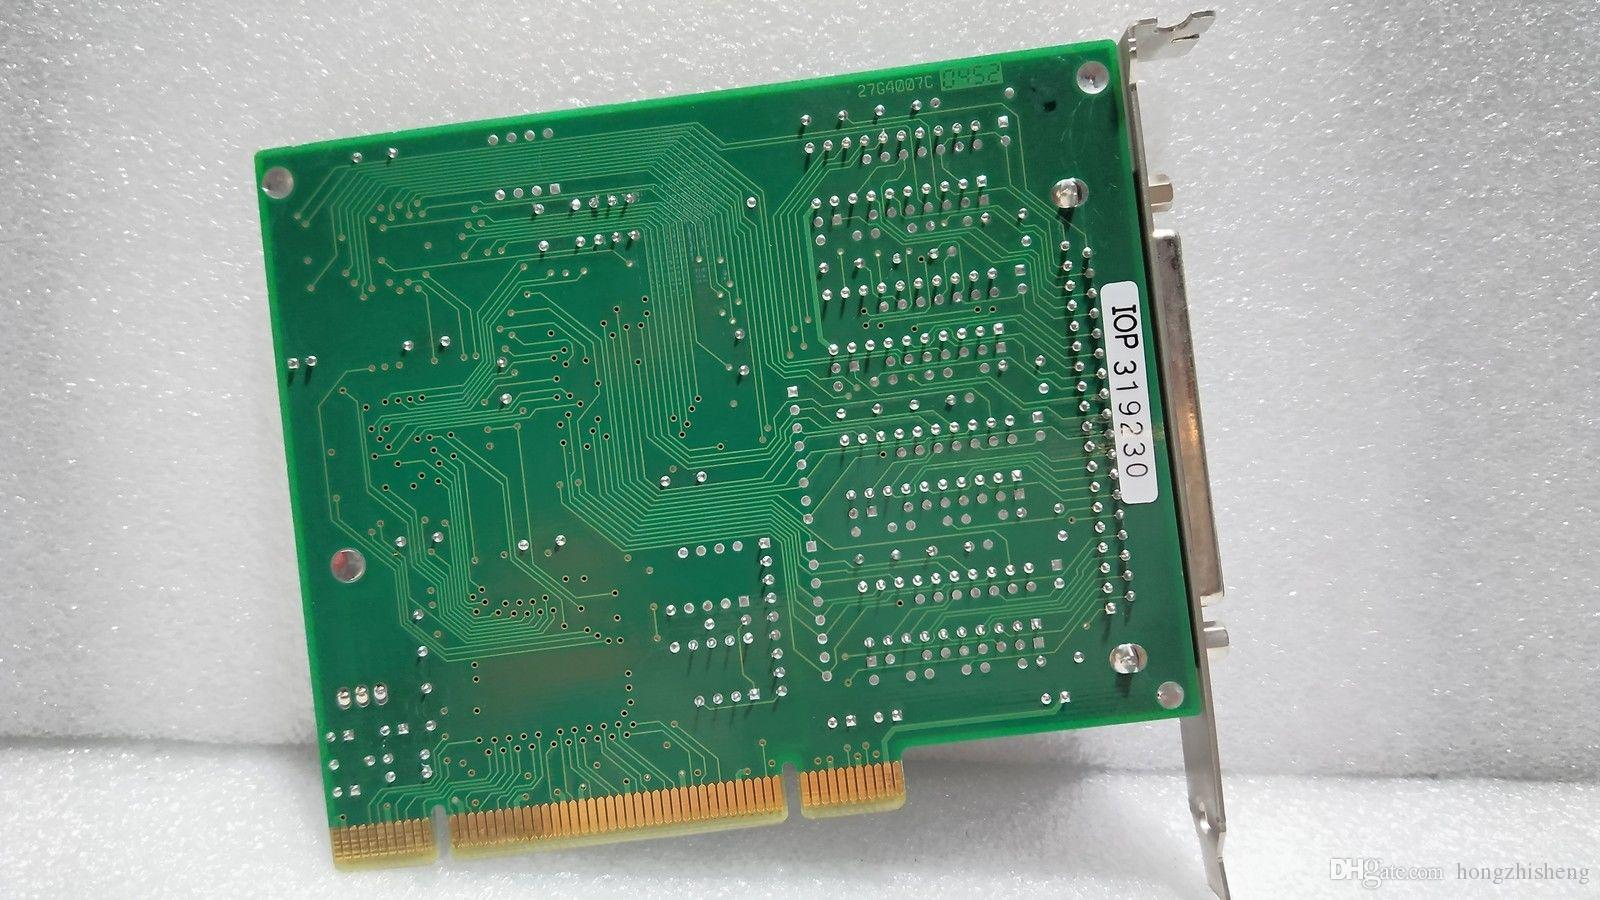 Sanayi ürünleri RAYON seri kart 06051812 P584U P485U P524U P514U P534U-G